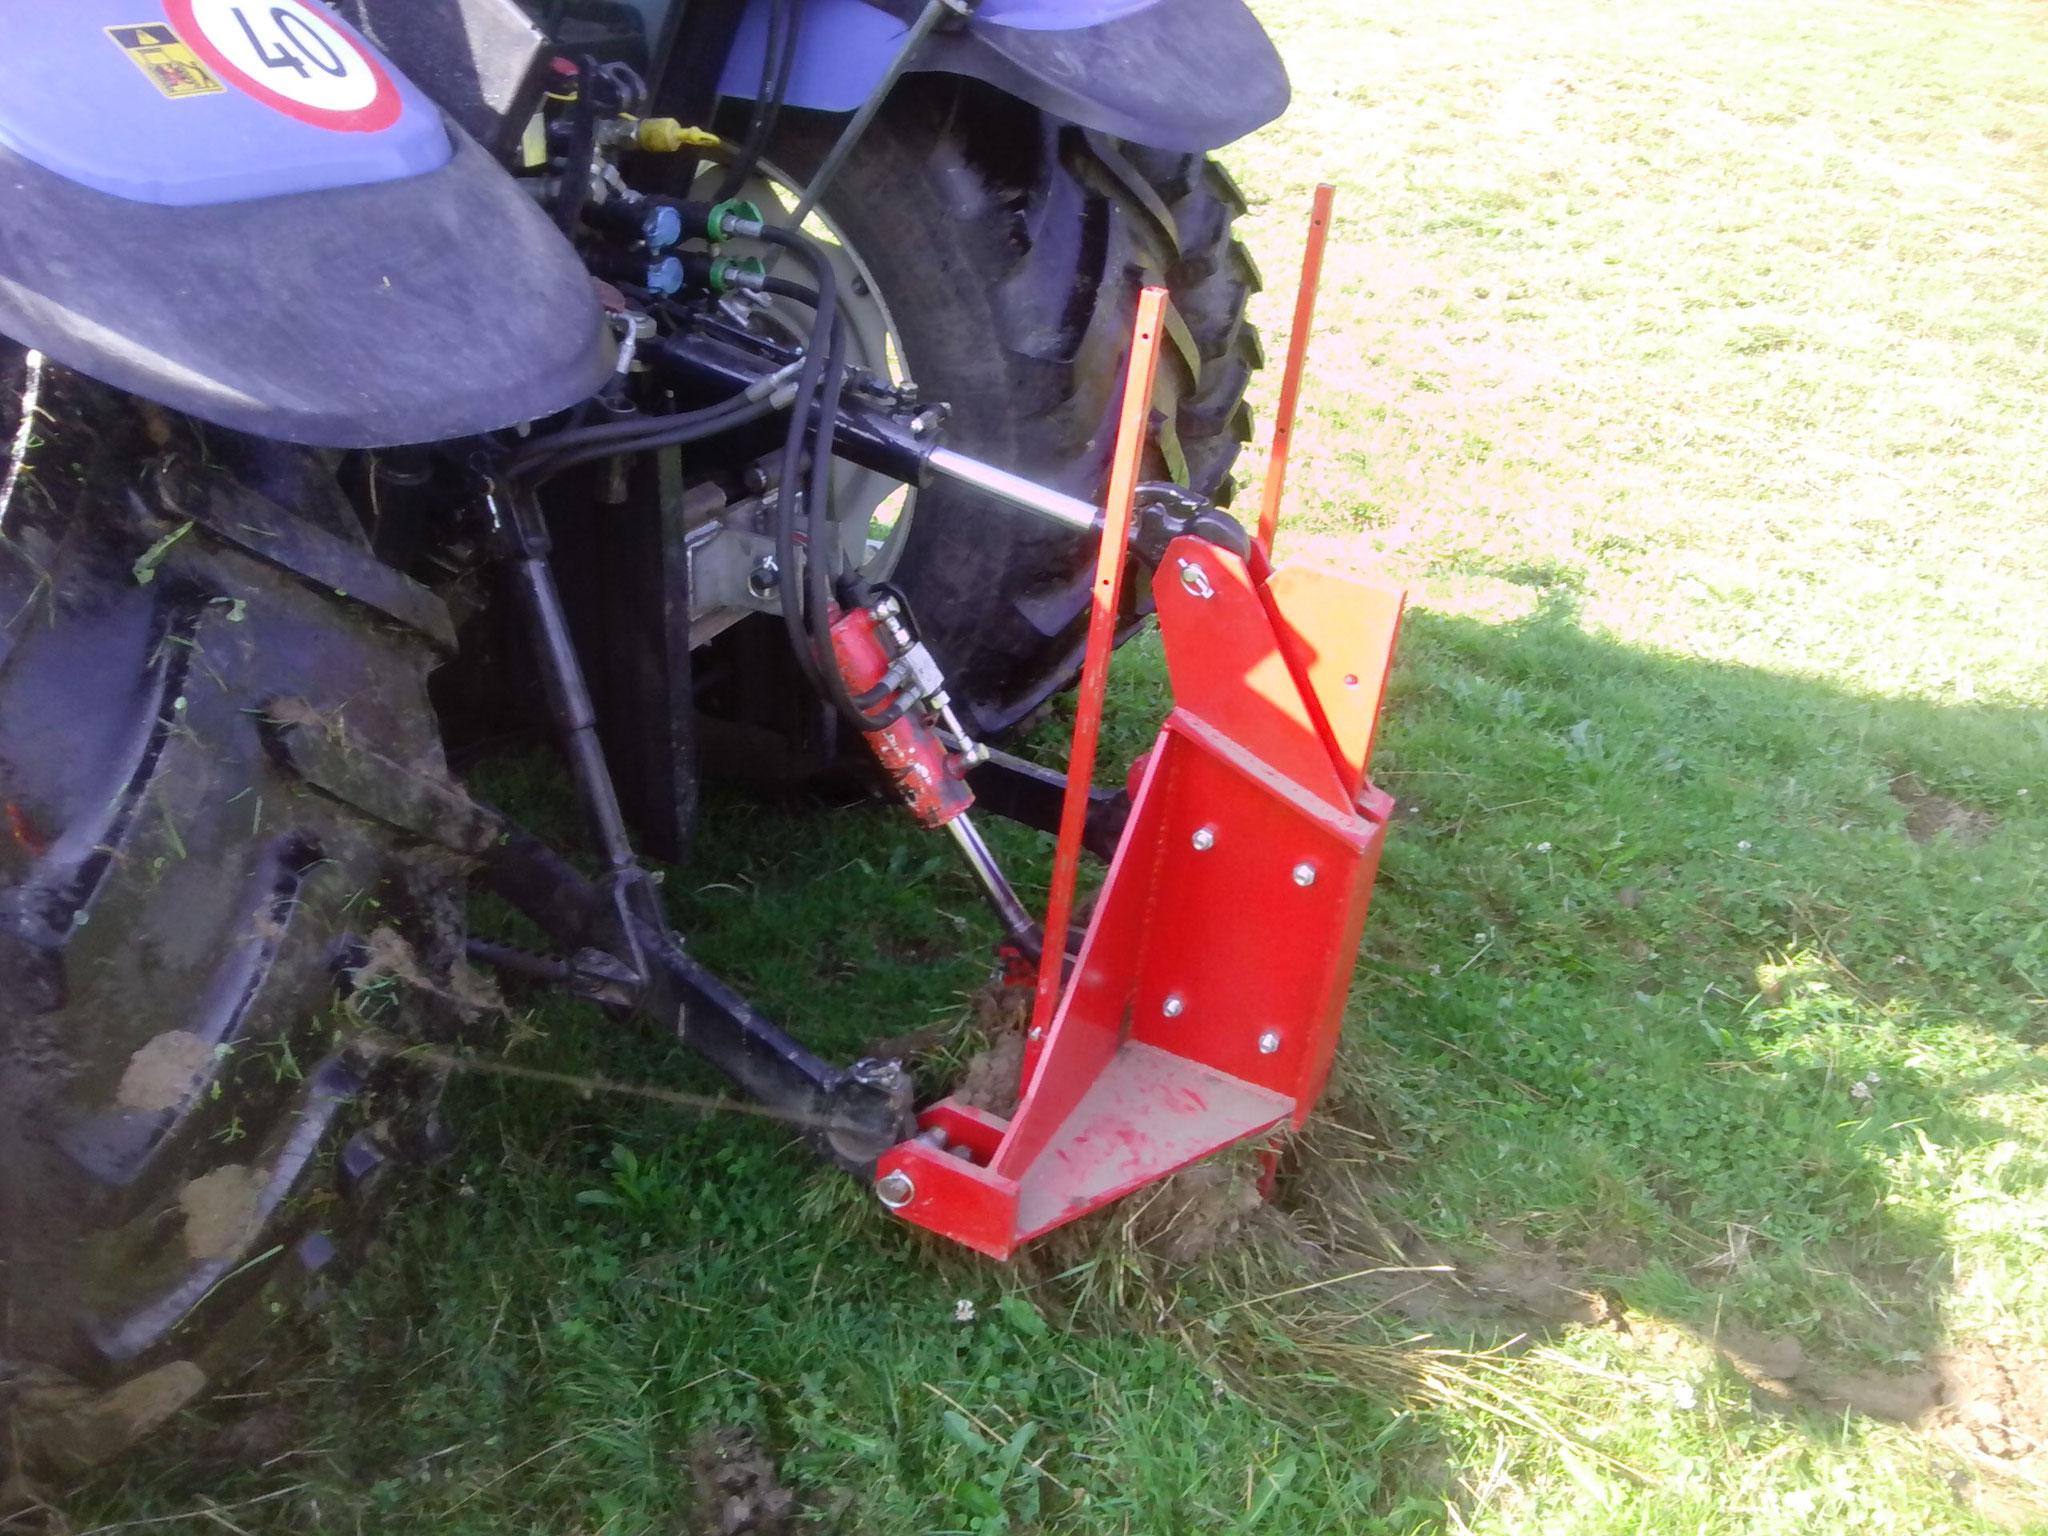 Gerät wird mit zusätzlichem Zylinder auf den Boden Gedrückt, somit bleibt der eingezogene Schlauch gleichmässig tief im Boden